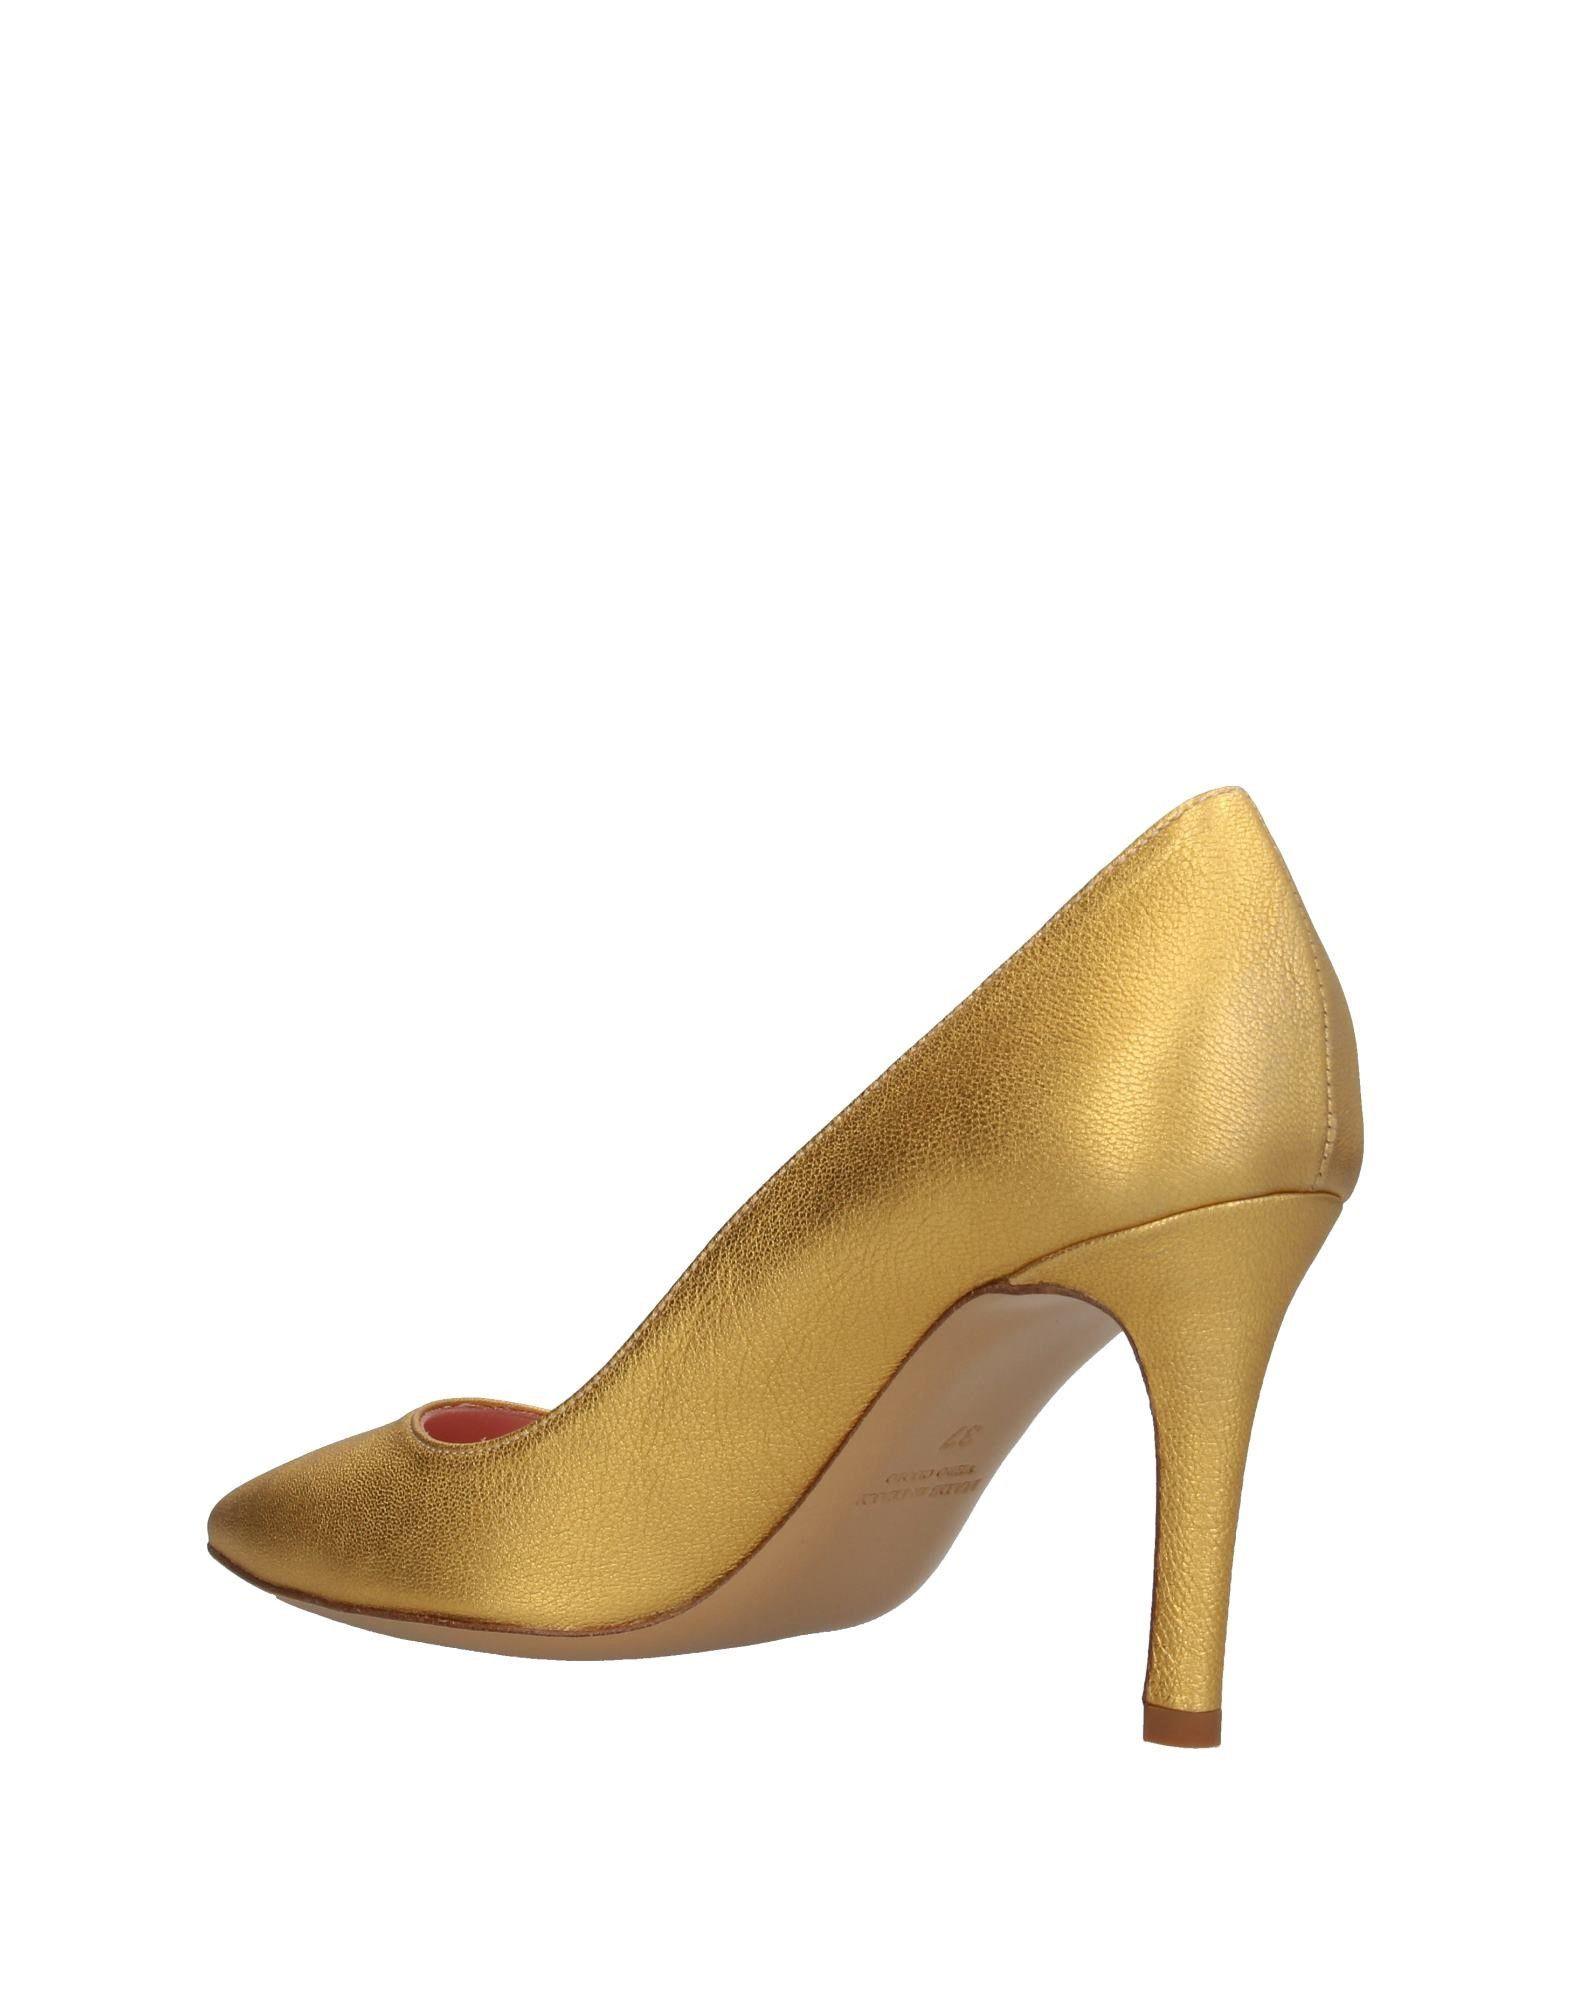 Fauzian Jeunesse Pumps Damen  11385887QG Gute Qualität beliebte Schuhe